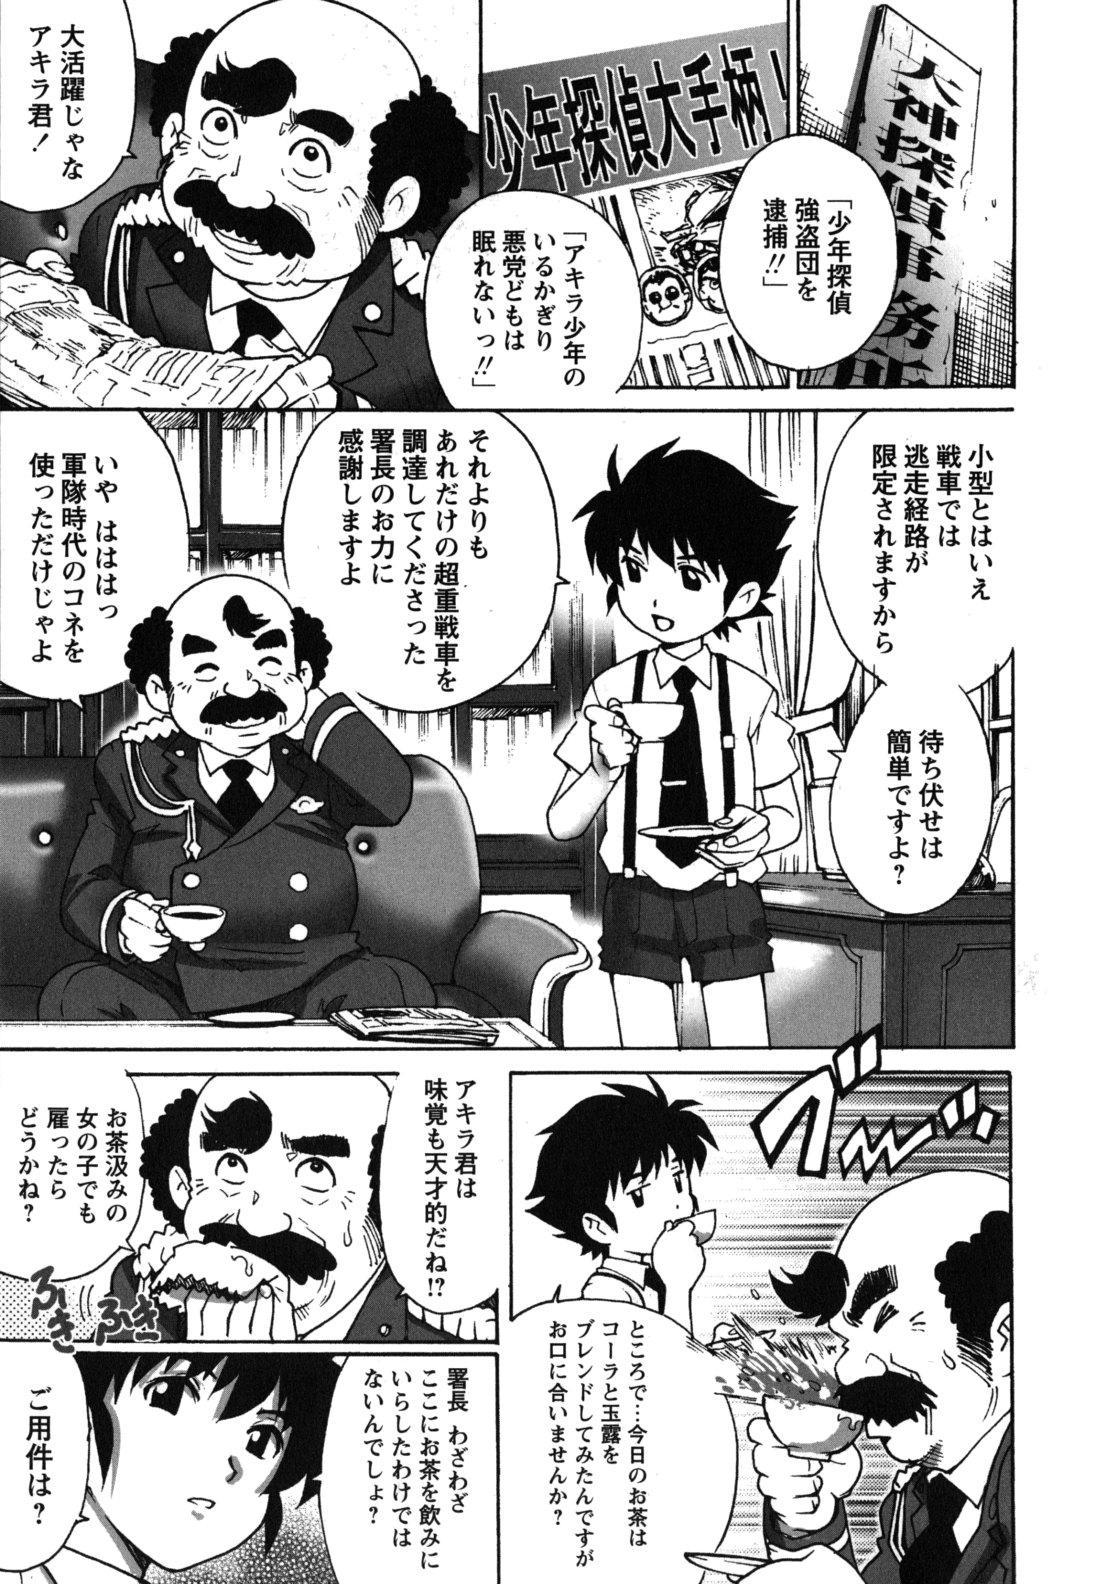 Hajimete no SEX 185